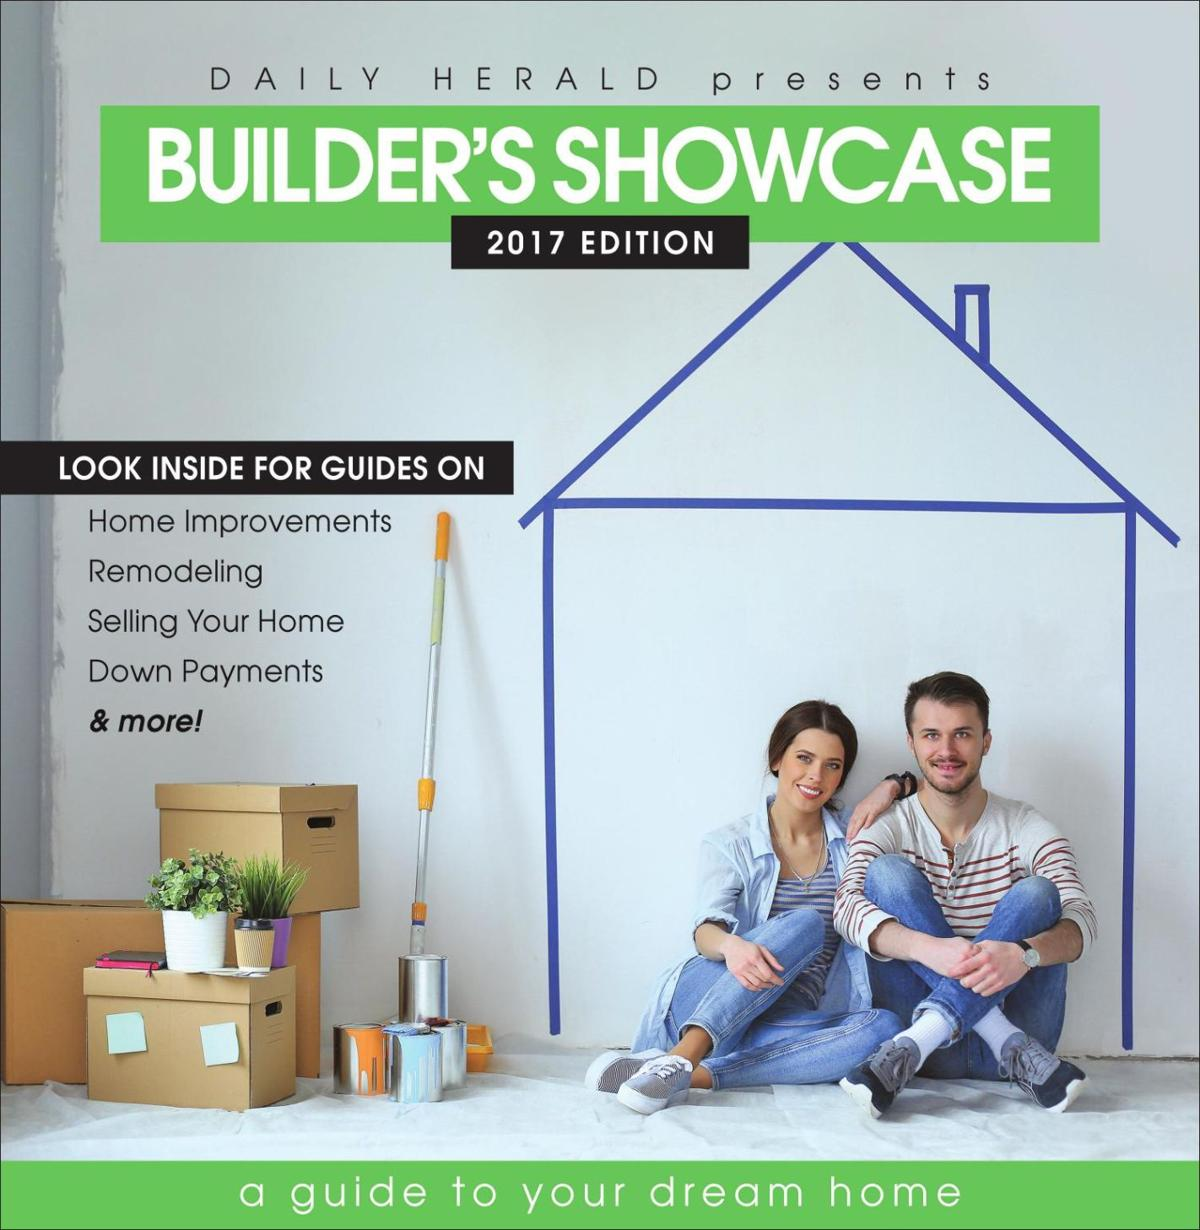 Builder's Showcase